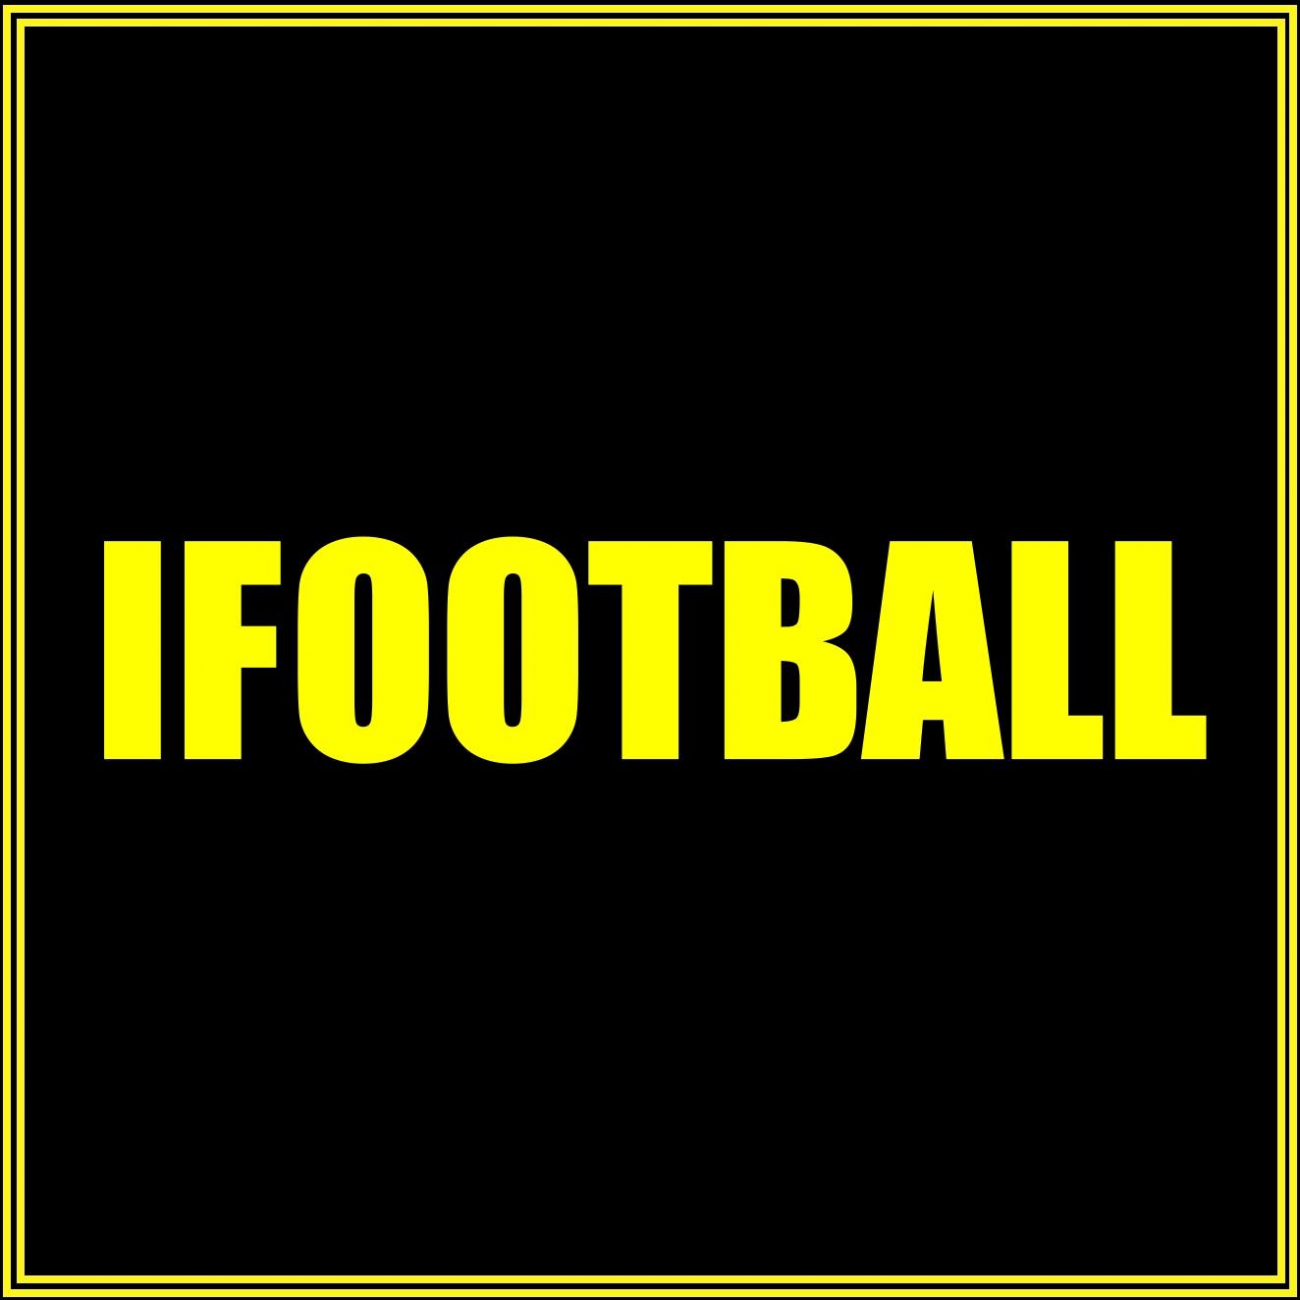 Đồ thể thao nam IFootball